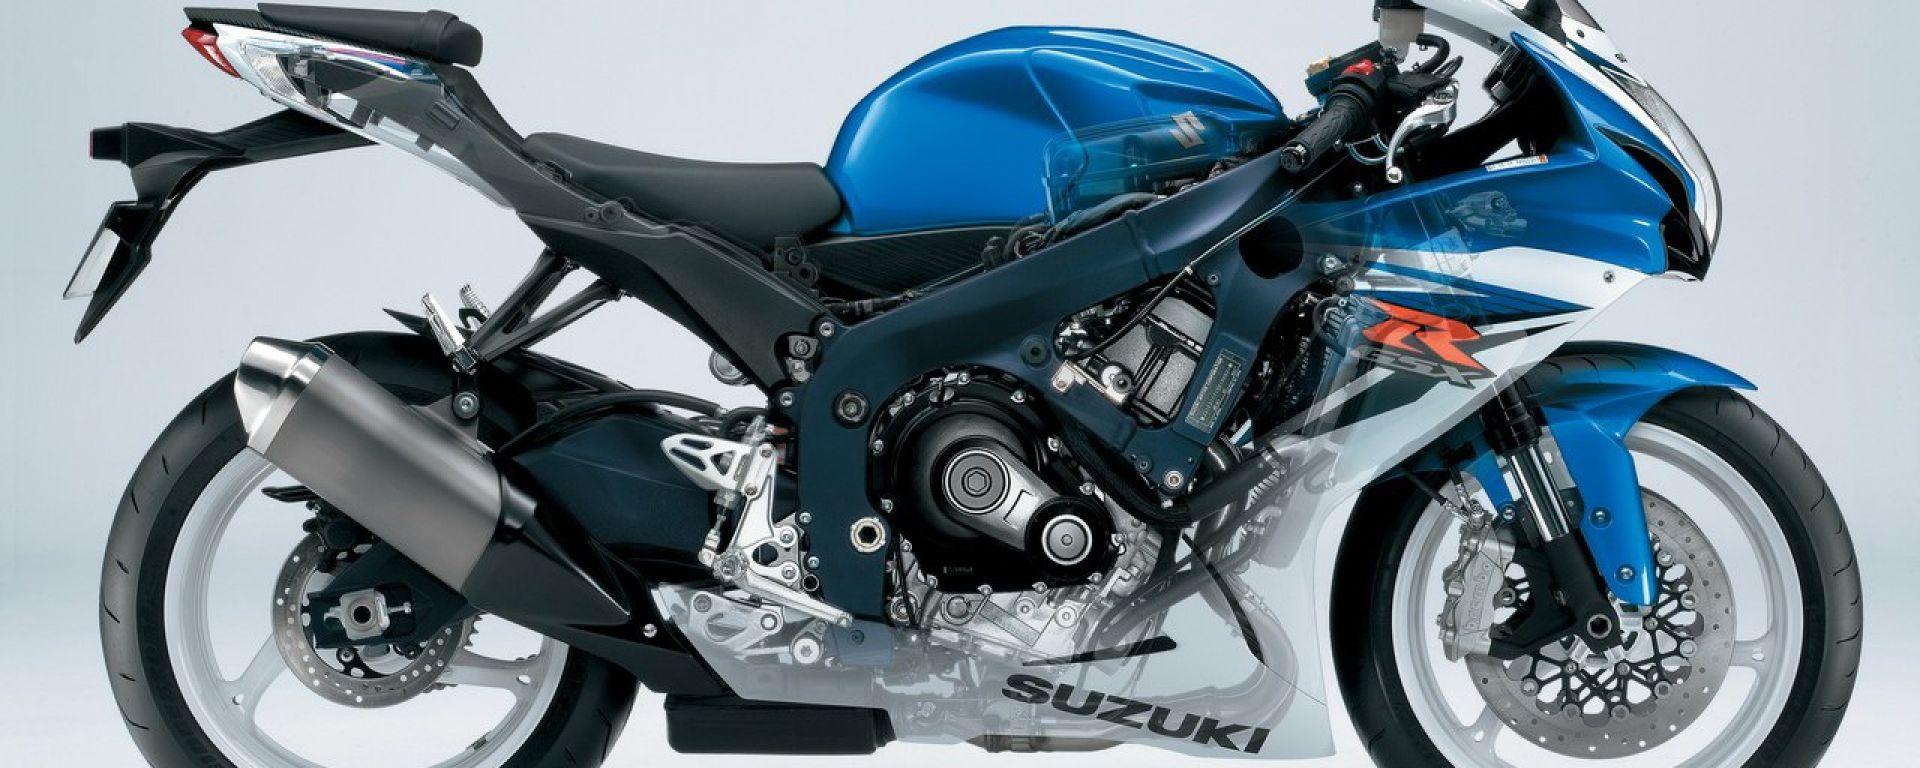 Suzuki GSX-R 600 e 750 2011